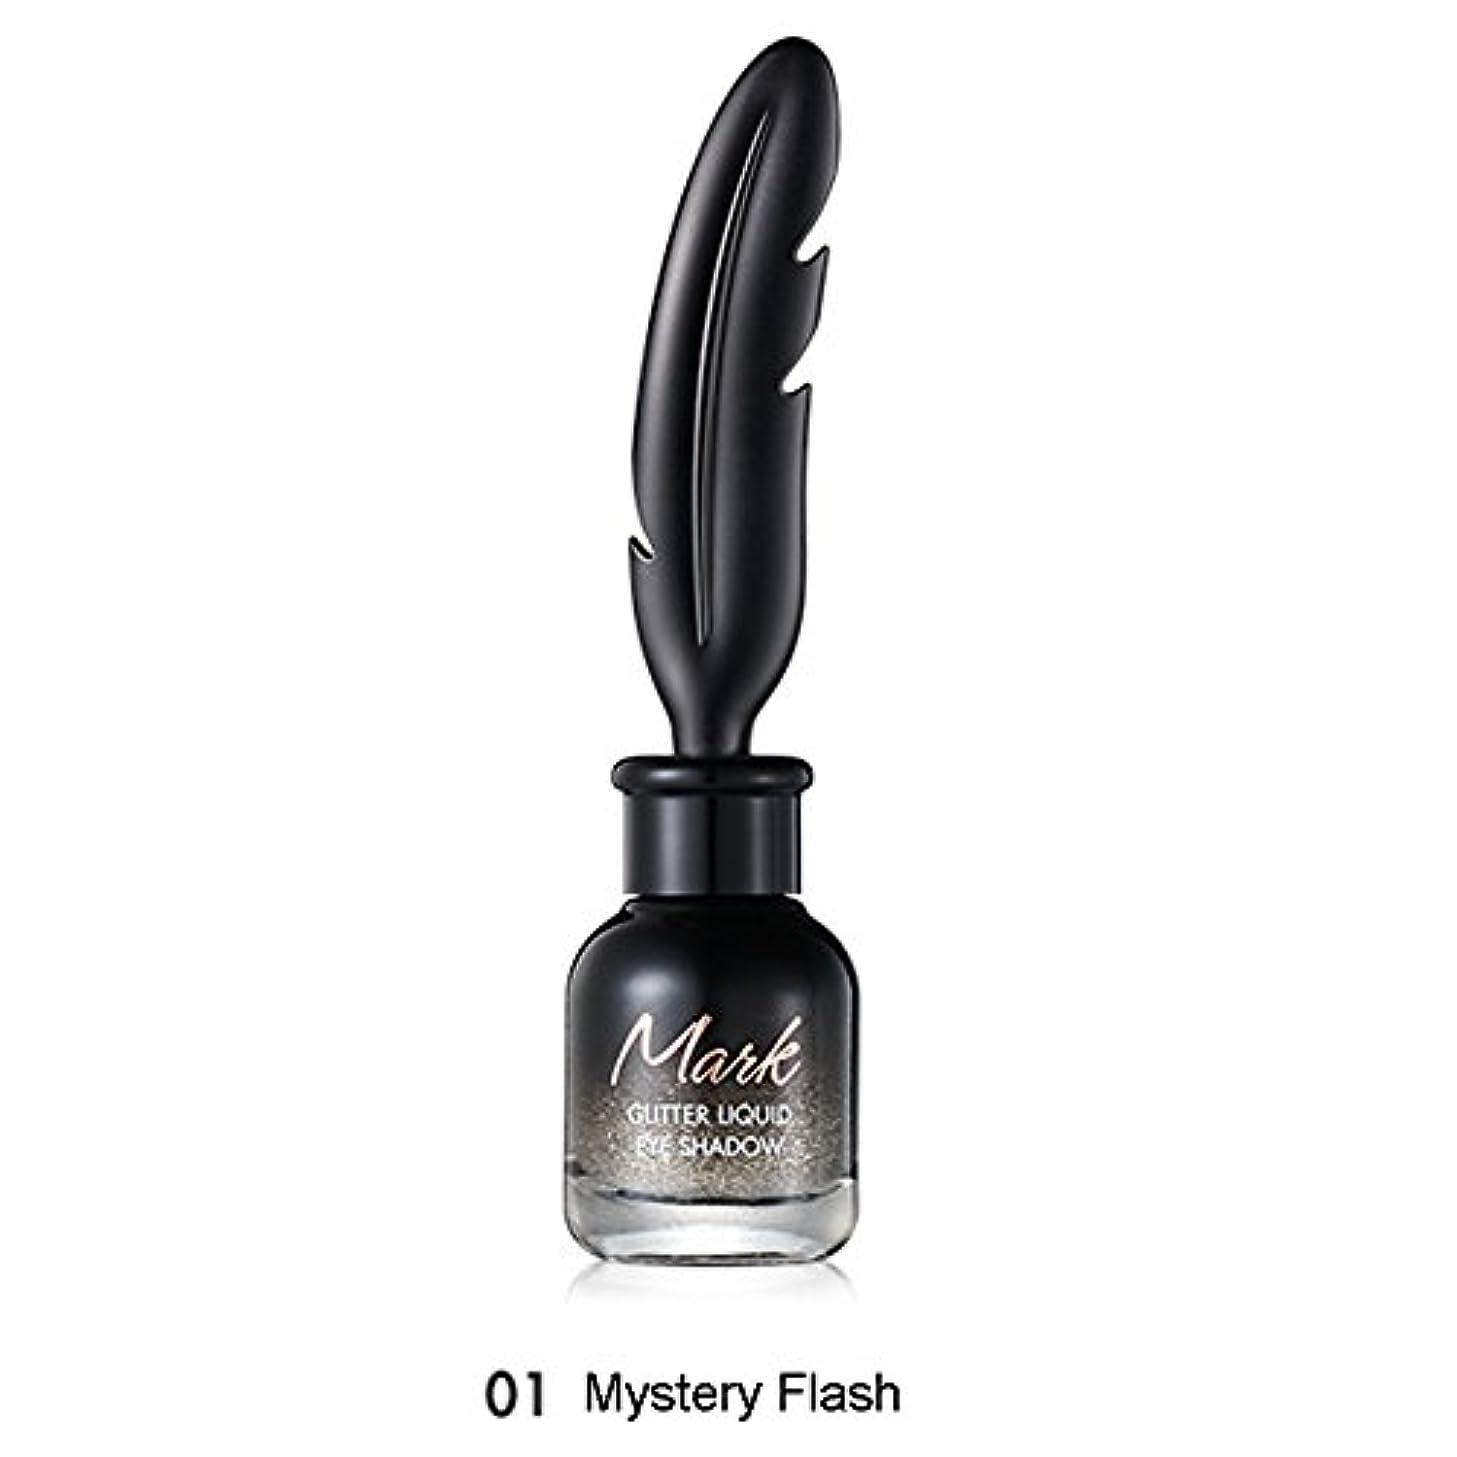 失望切る学ぶトニモリー TONYMOLY Mark Glitter Liquid Eye Shadow #01 Mystery Flash